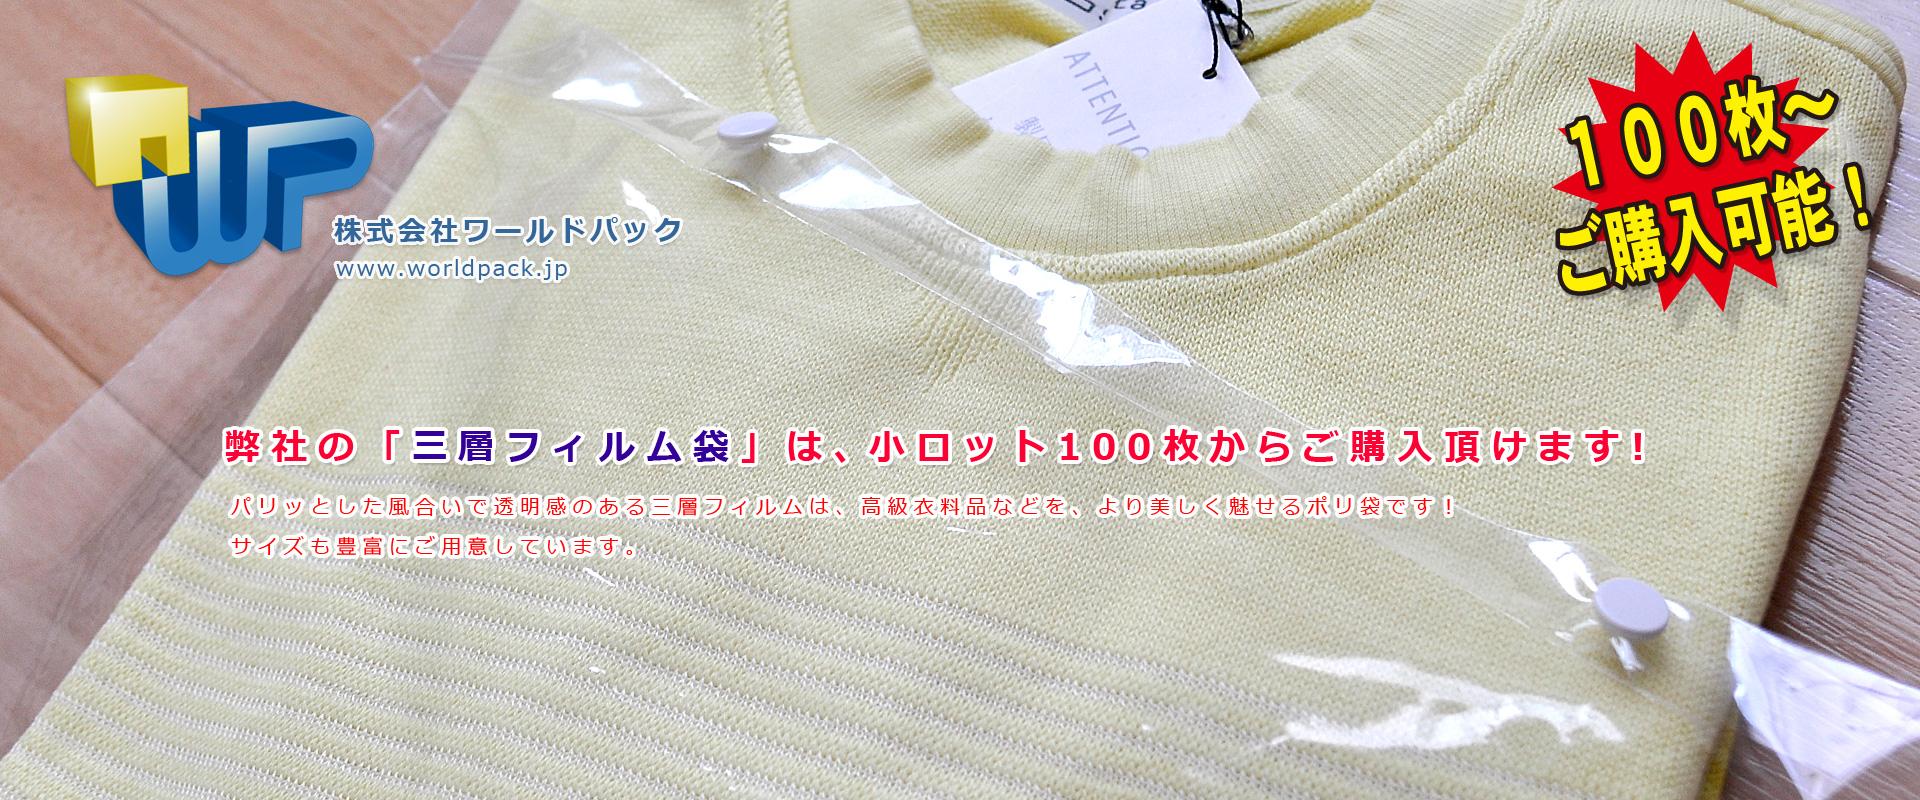 高級衣料品の包装に三層フィルム袋 株式会社ワールドパック 東京、神奈川、埼玉、千葉、茨城、群馬、栃木